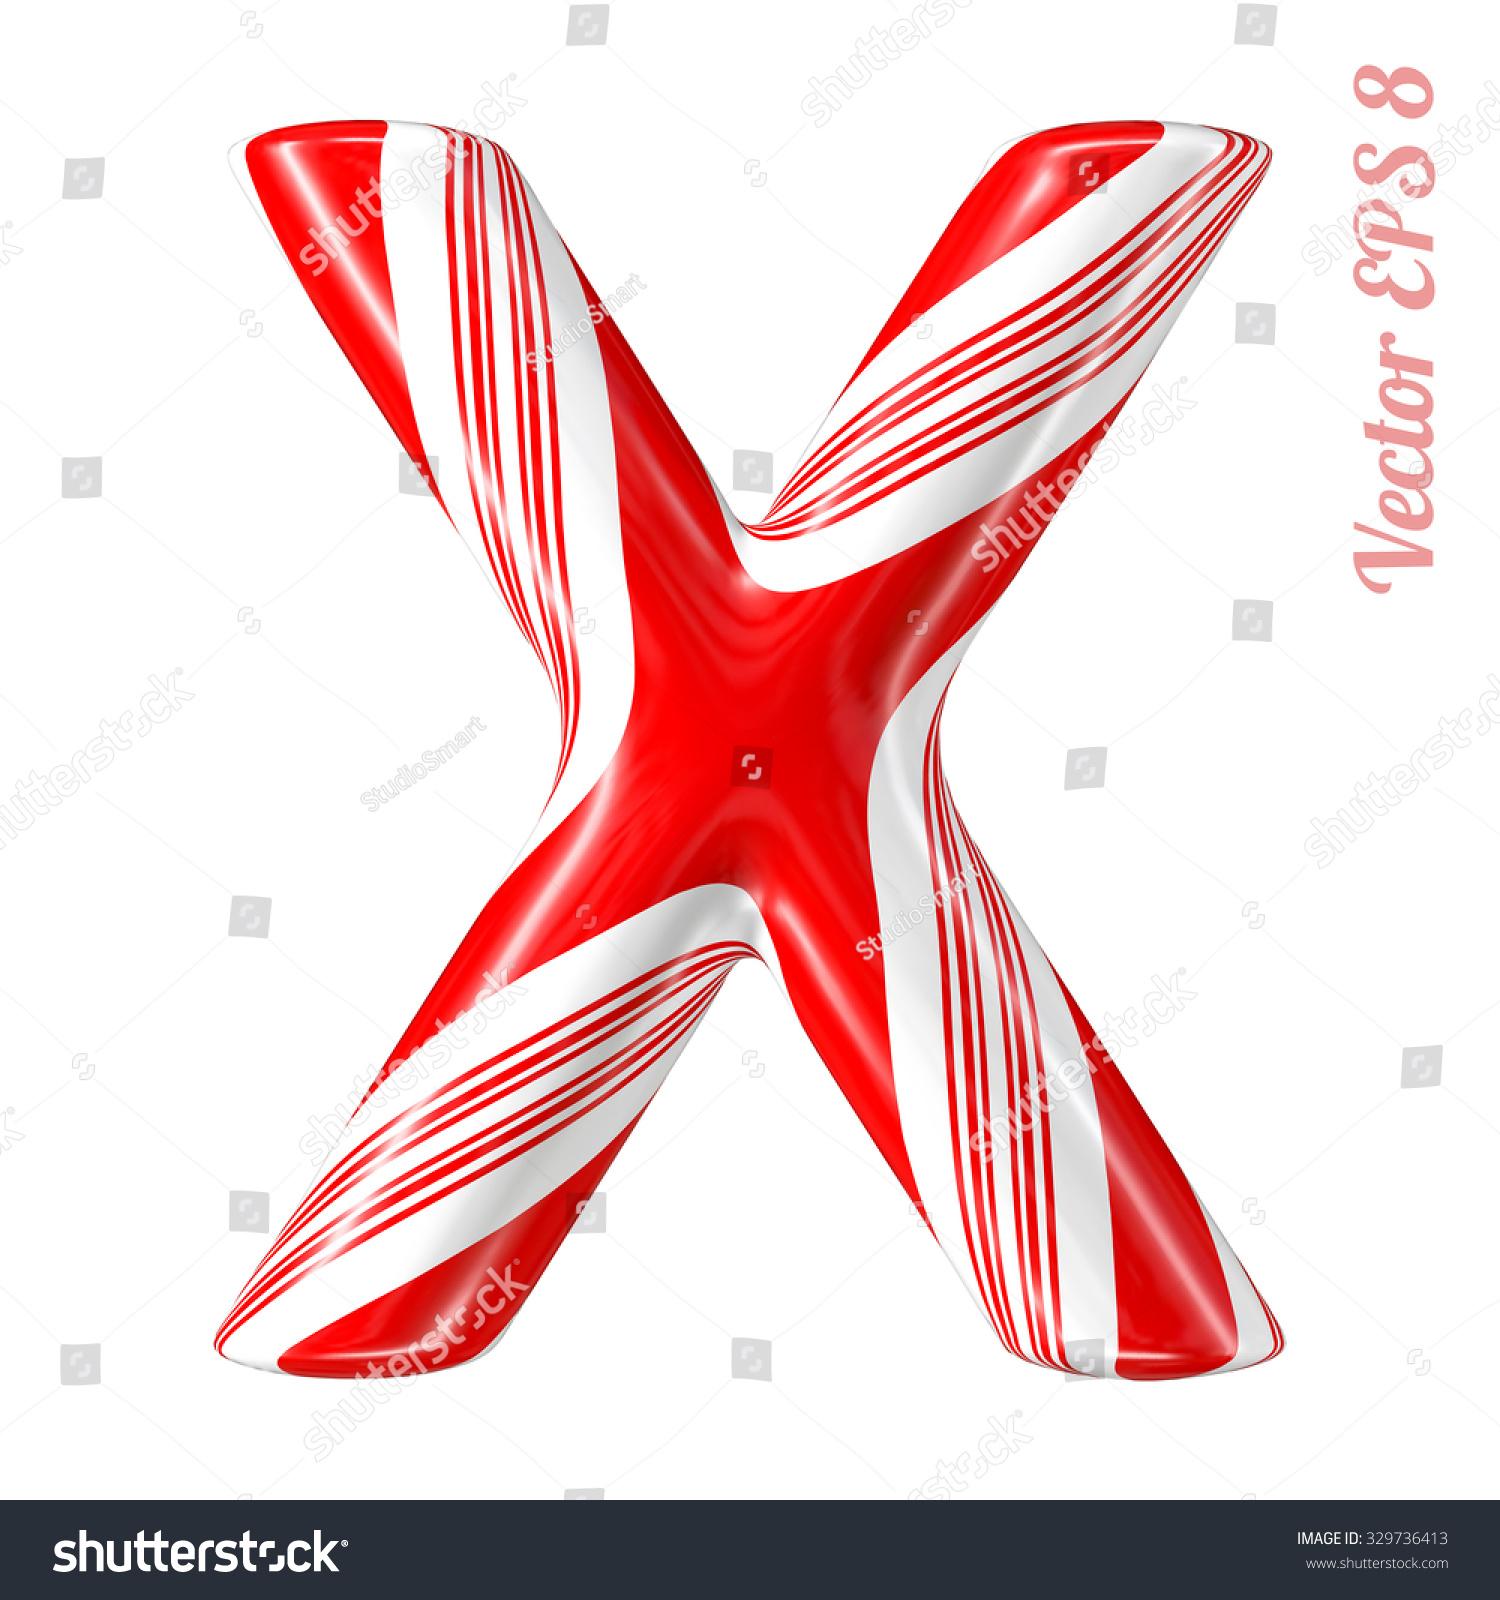 Letter X Christmas Symbols Stock Vector 142675243 - Shutterstock